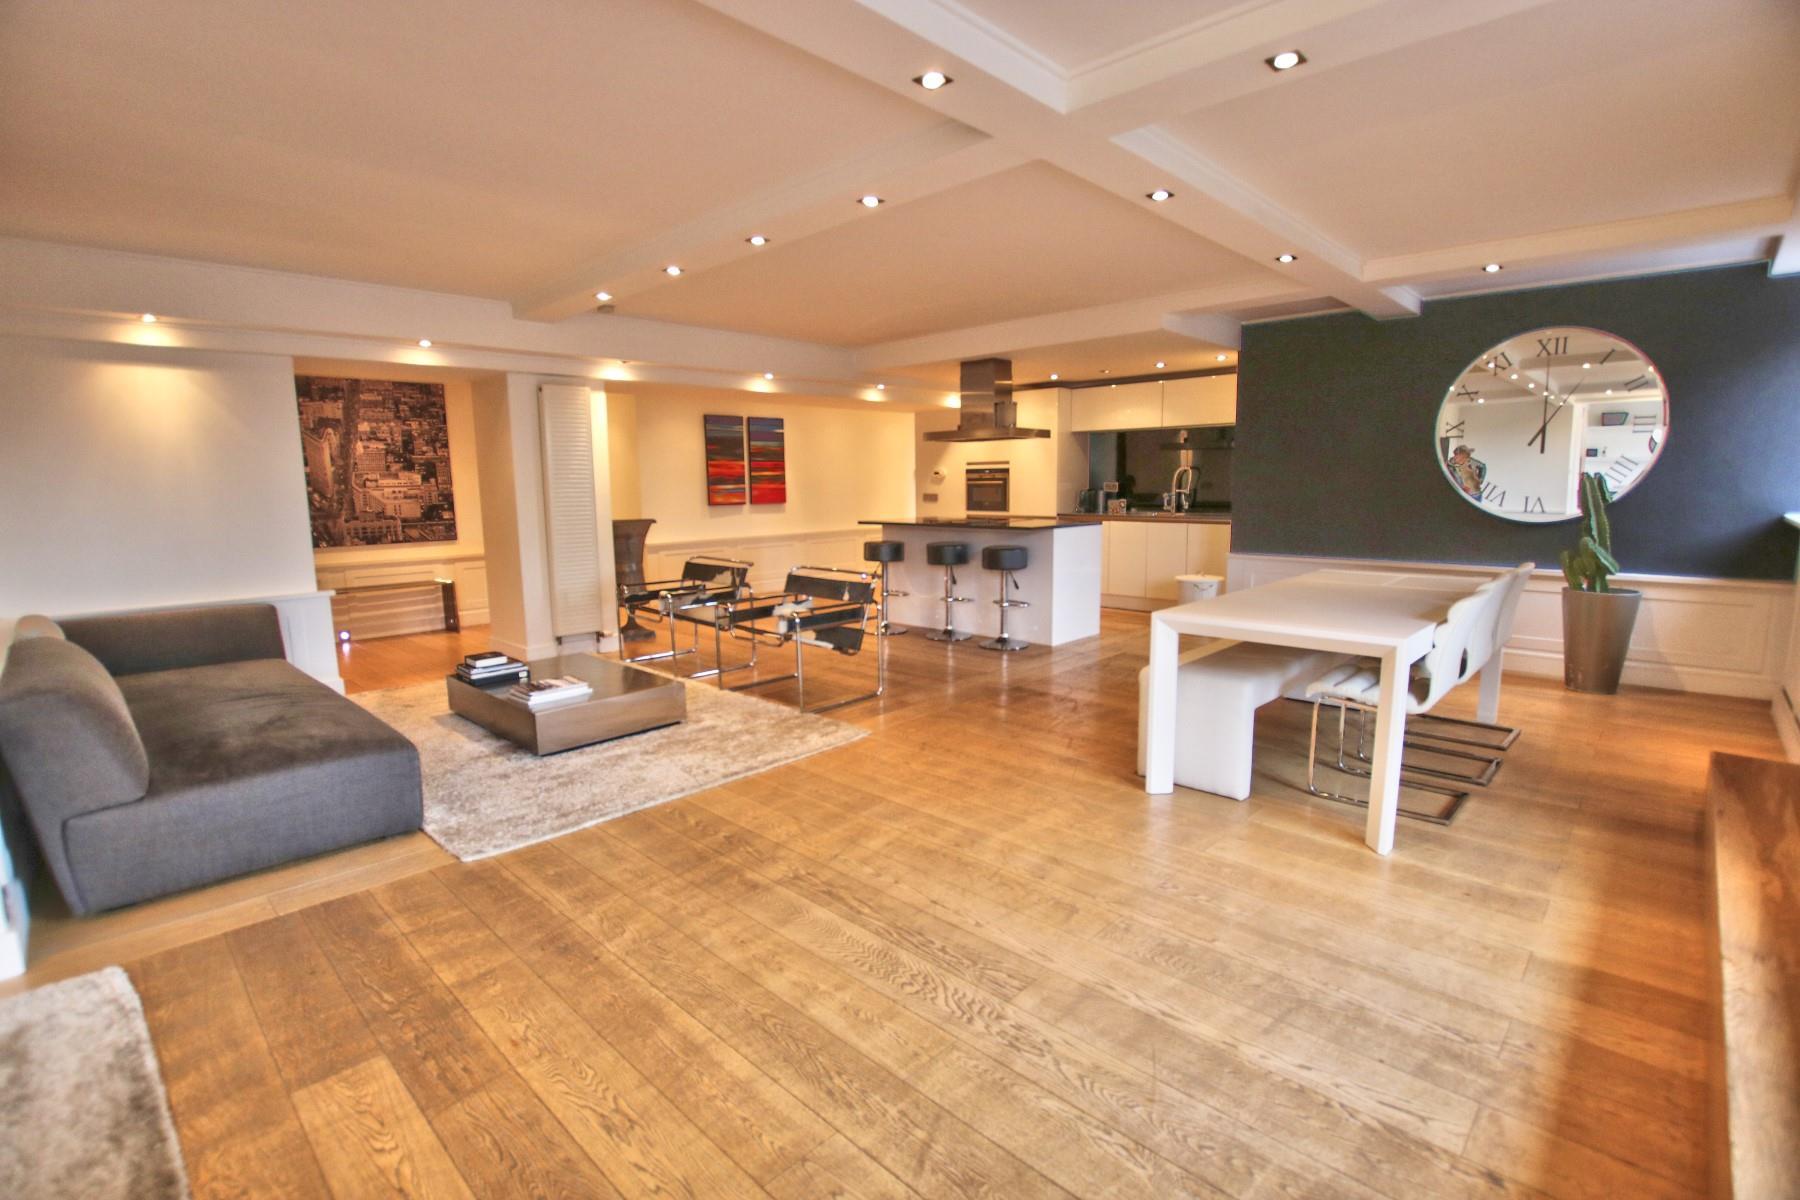 Appartement exceptionnel - Ixelles - #4030098-0